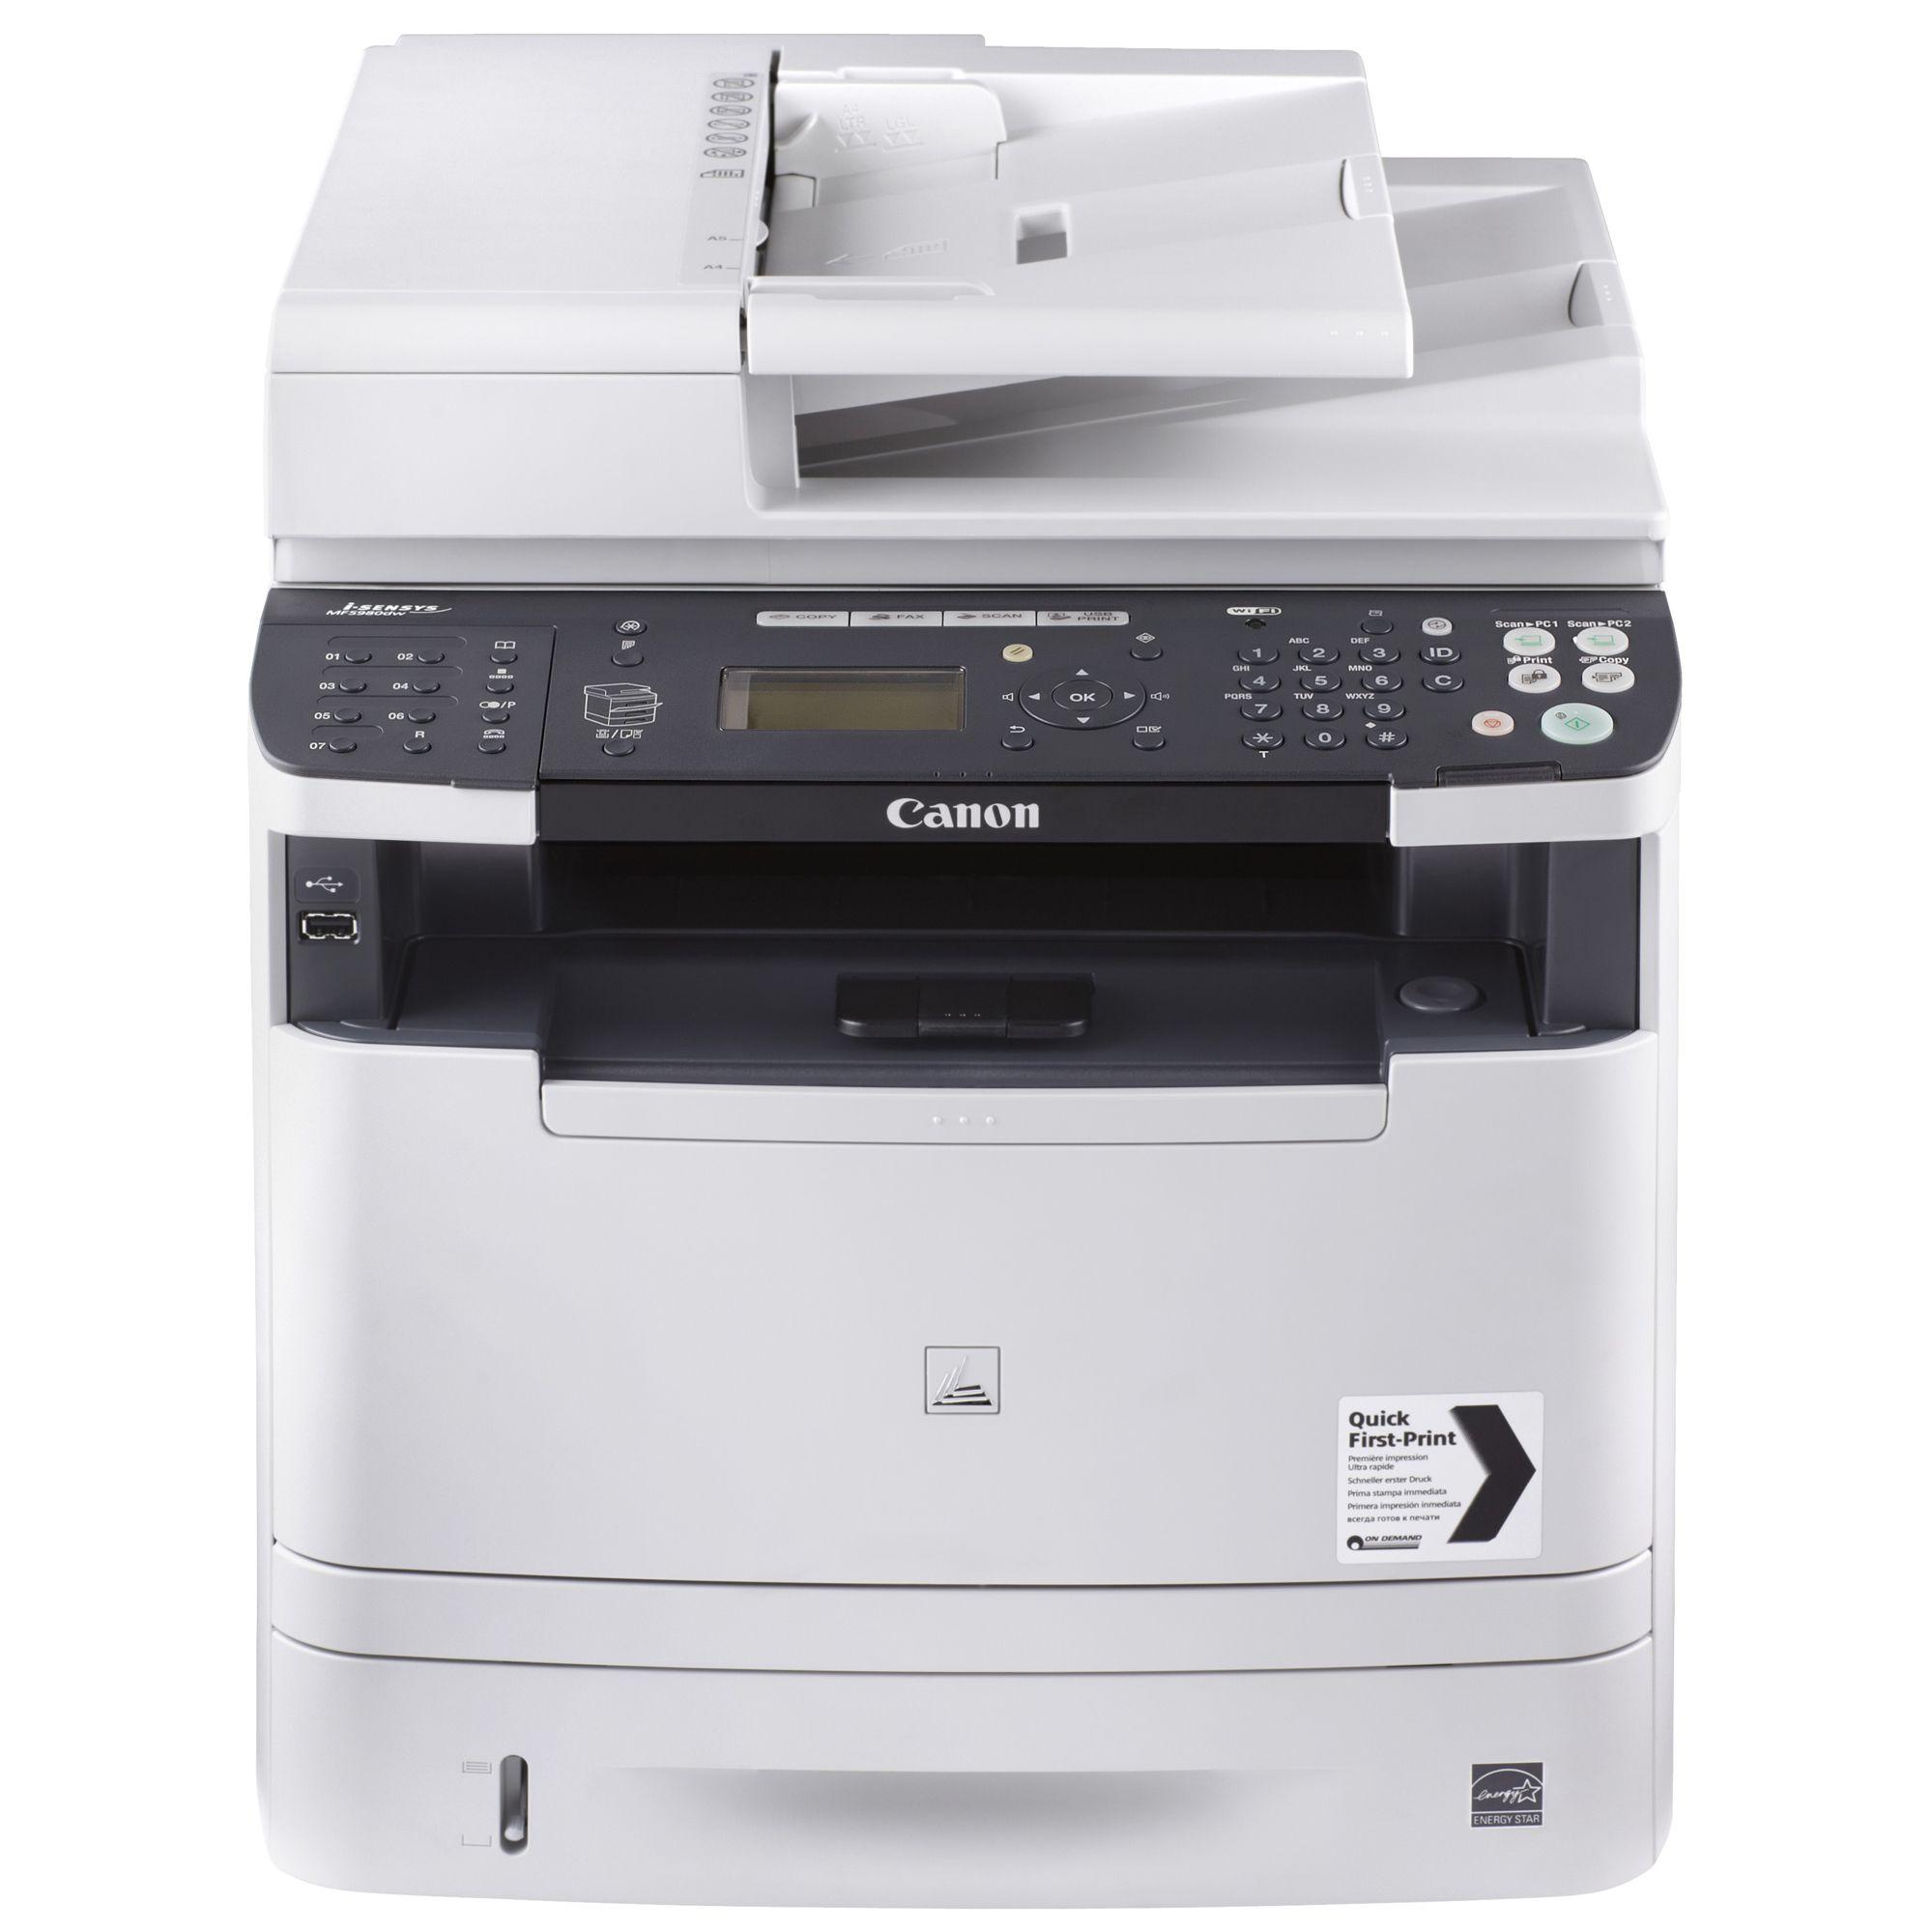 Принтер Canon i-SENSYS MF5980dw